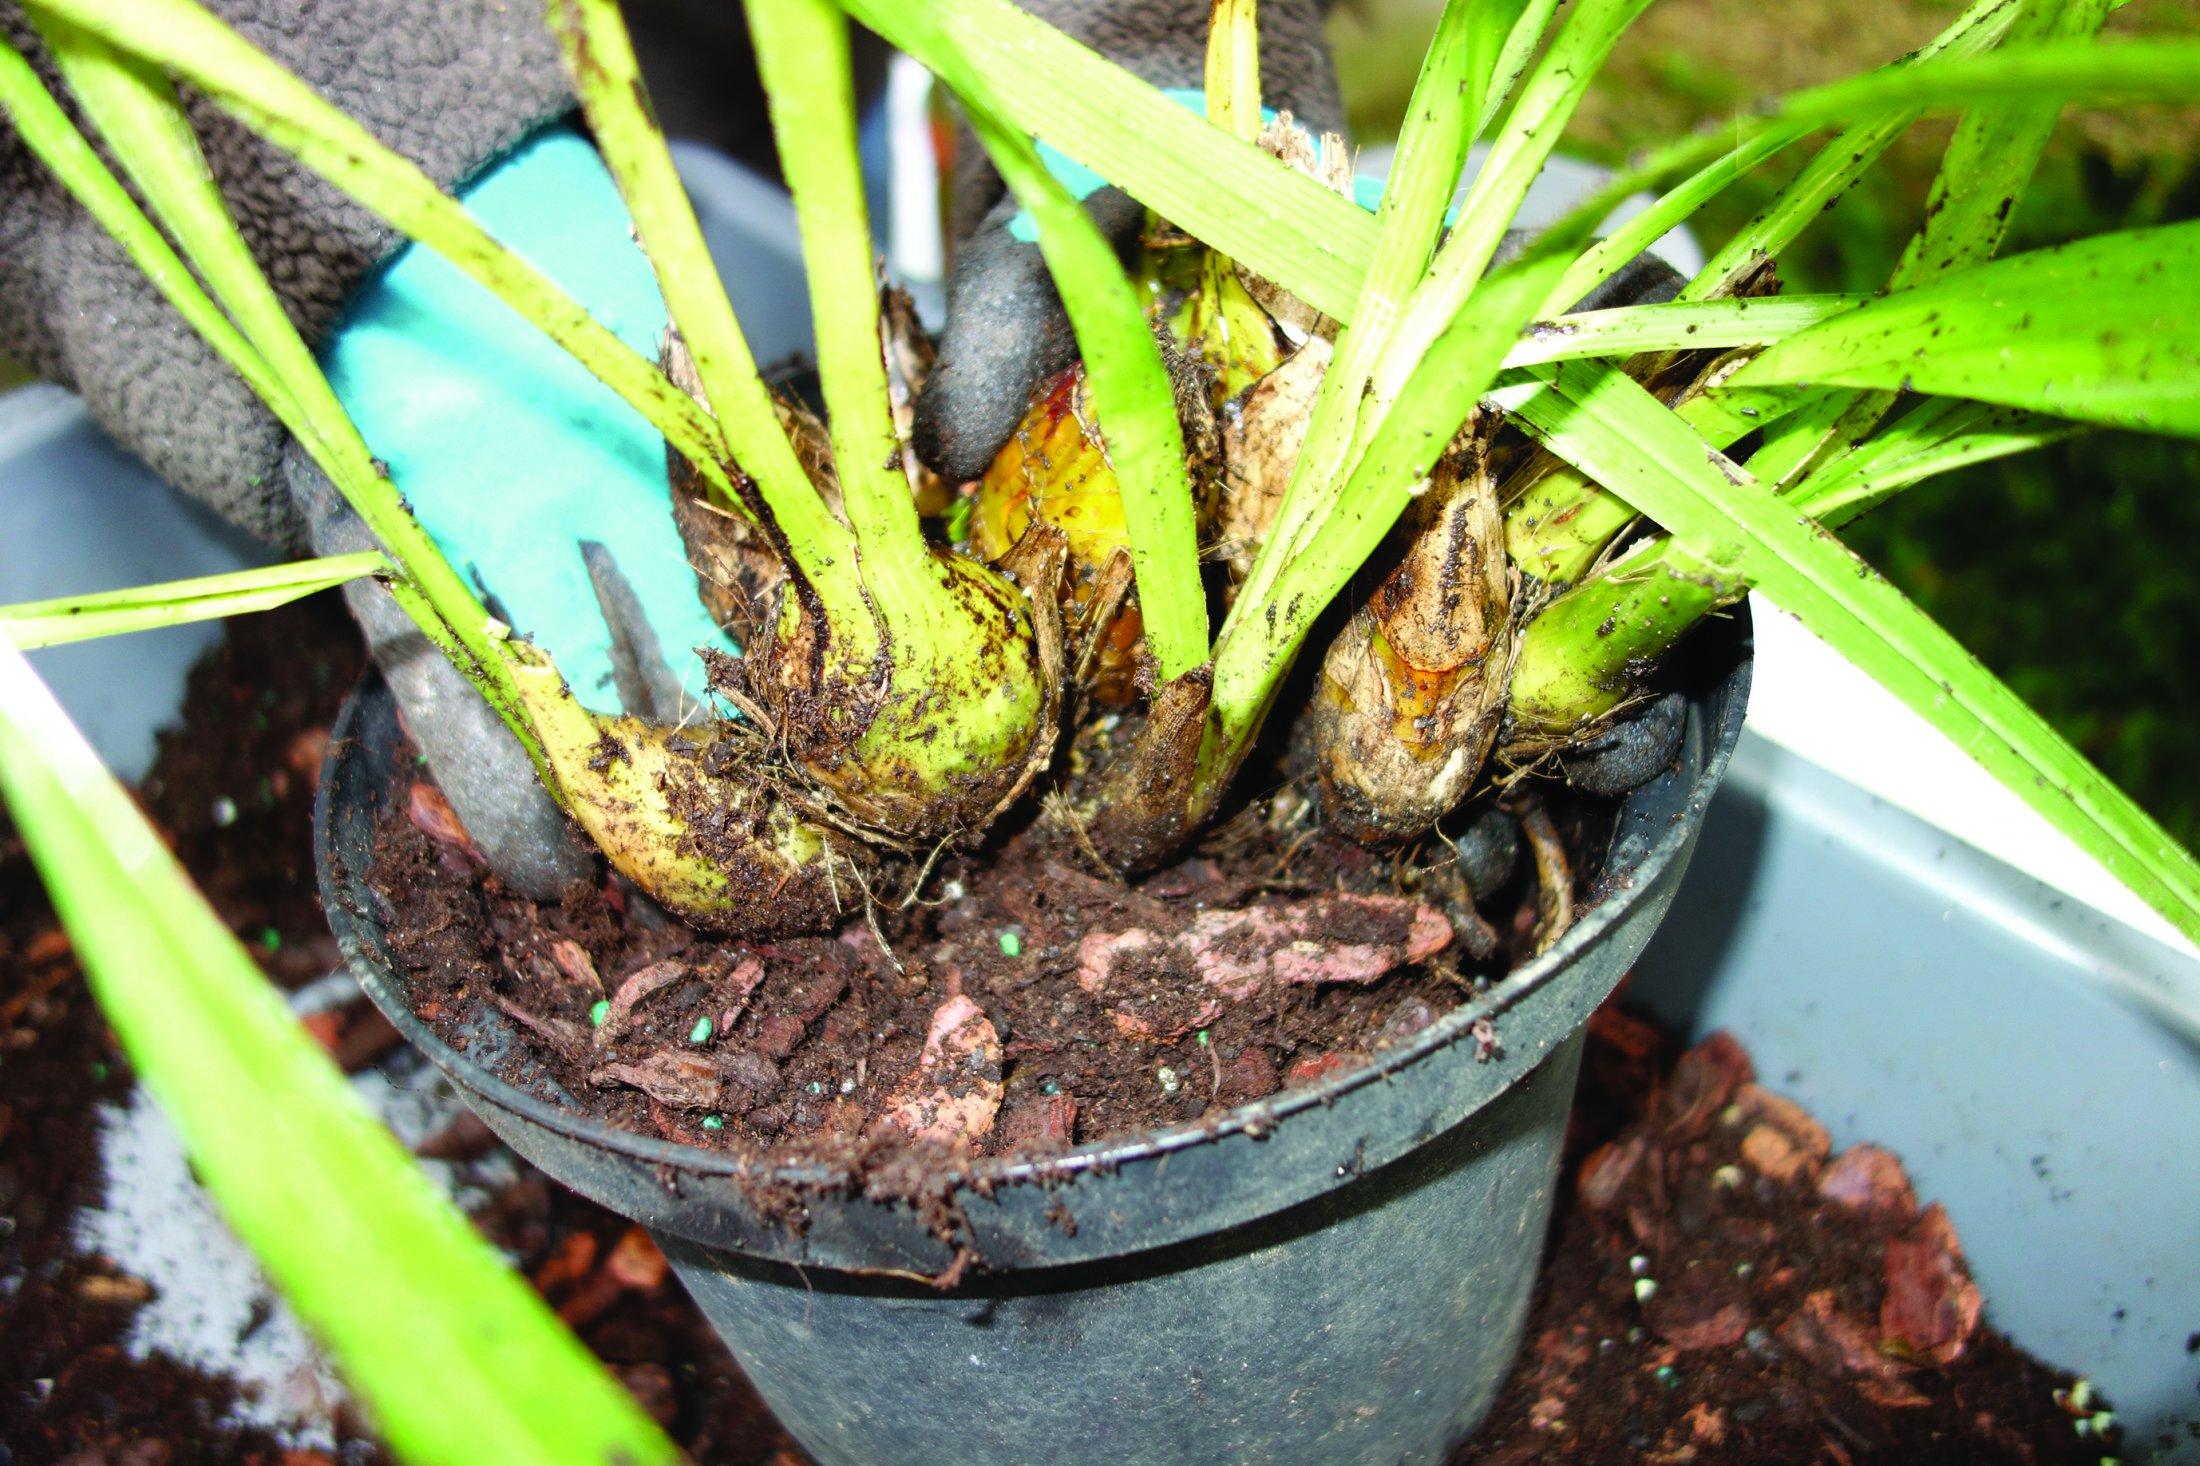 Colocam-se os pseudo-bolbos em grupos e bem apertados num vaso limpo e com a mistura do substrato com adubo granulado.